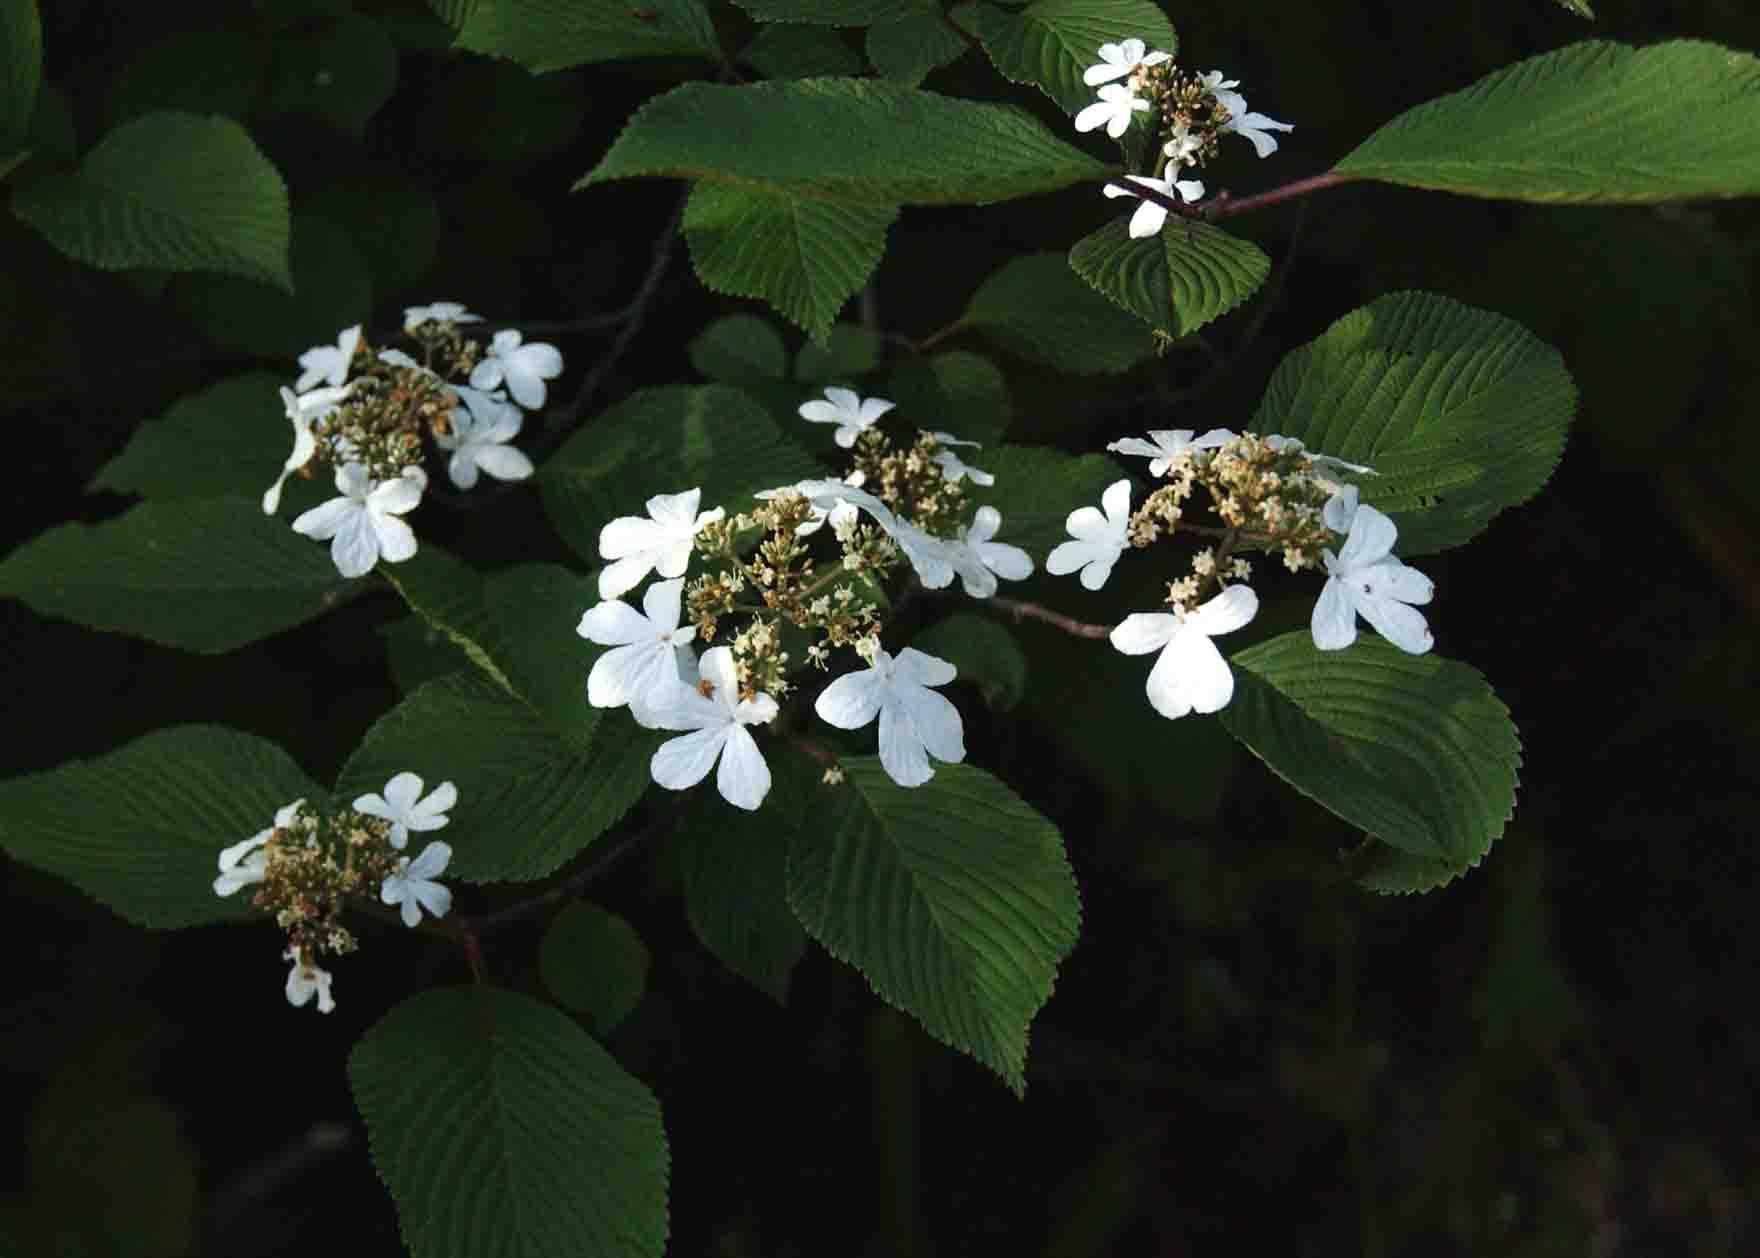 ookameoki オオカメノキ(別名をムシカリと言う): とし爺さんの花便り とし爺さんの花便